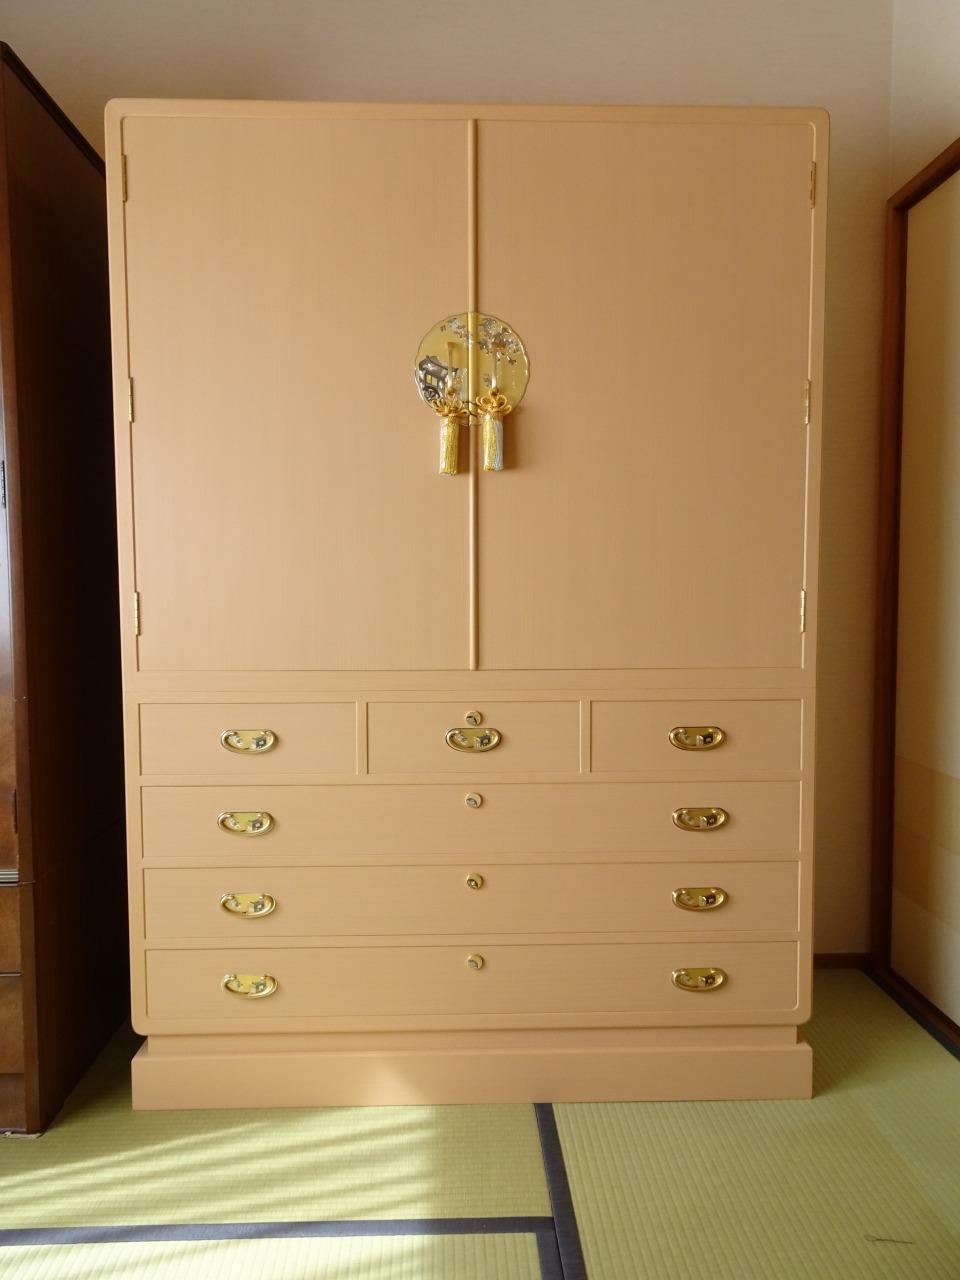 大阪府のS様に初音の家具 こだわりの大阪泉州桐箪笥の良質な桐タンスのお届け写真と動画です。